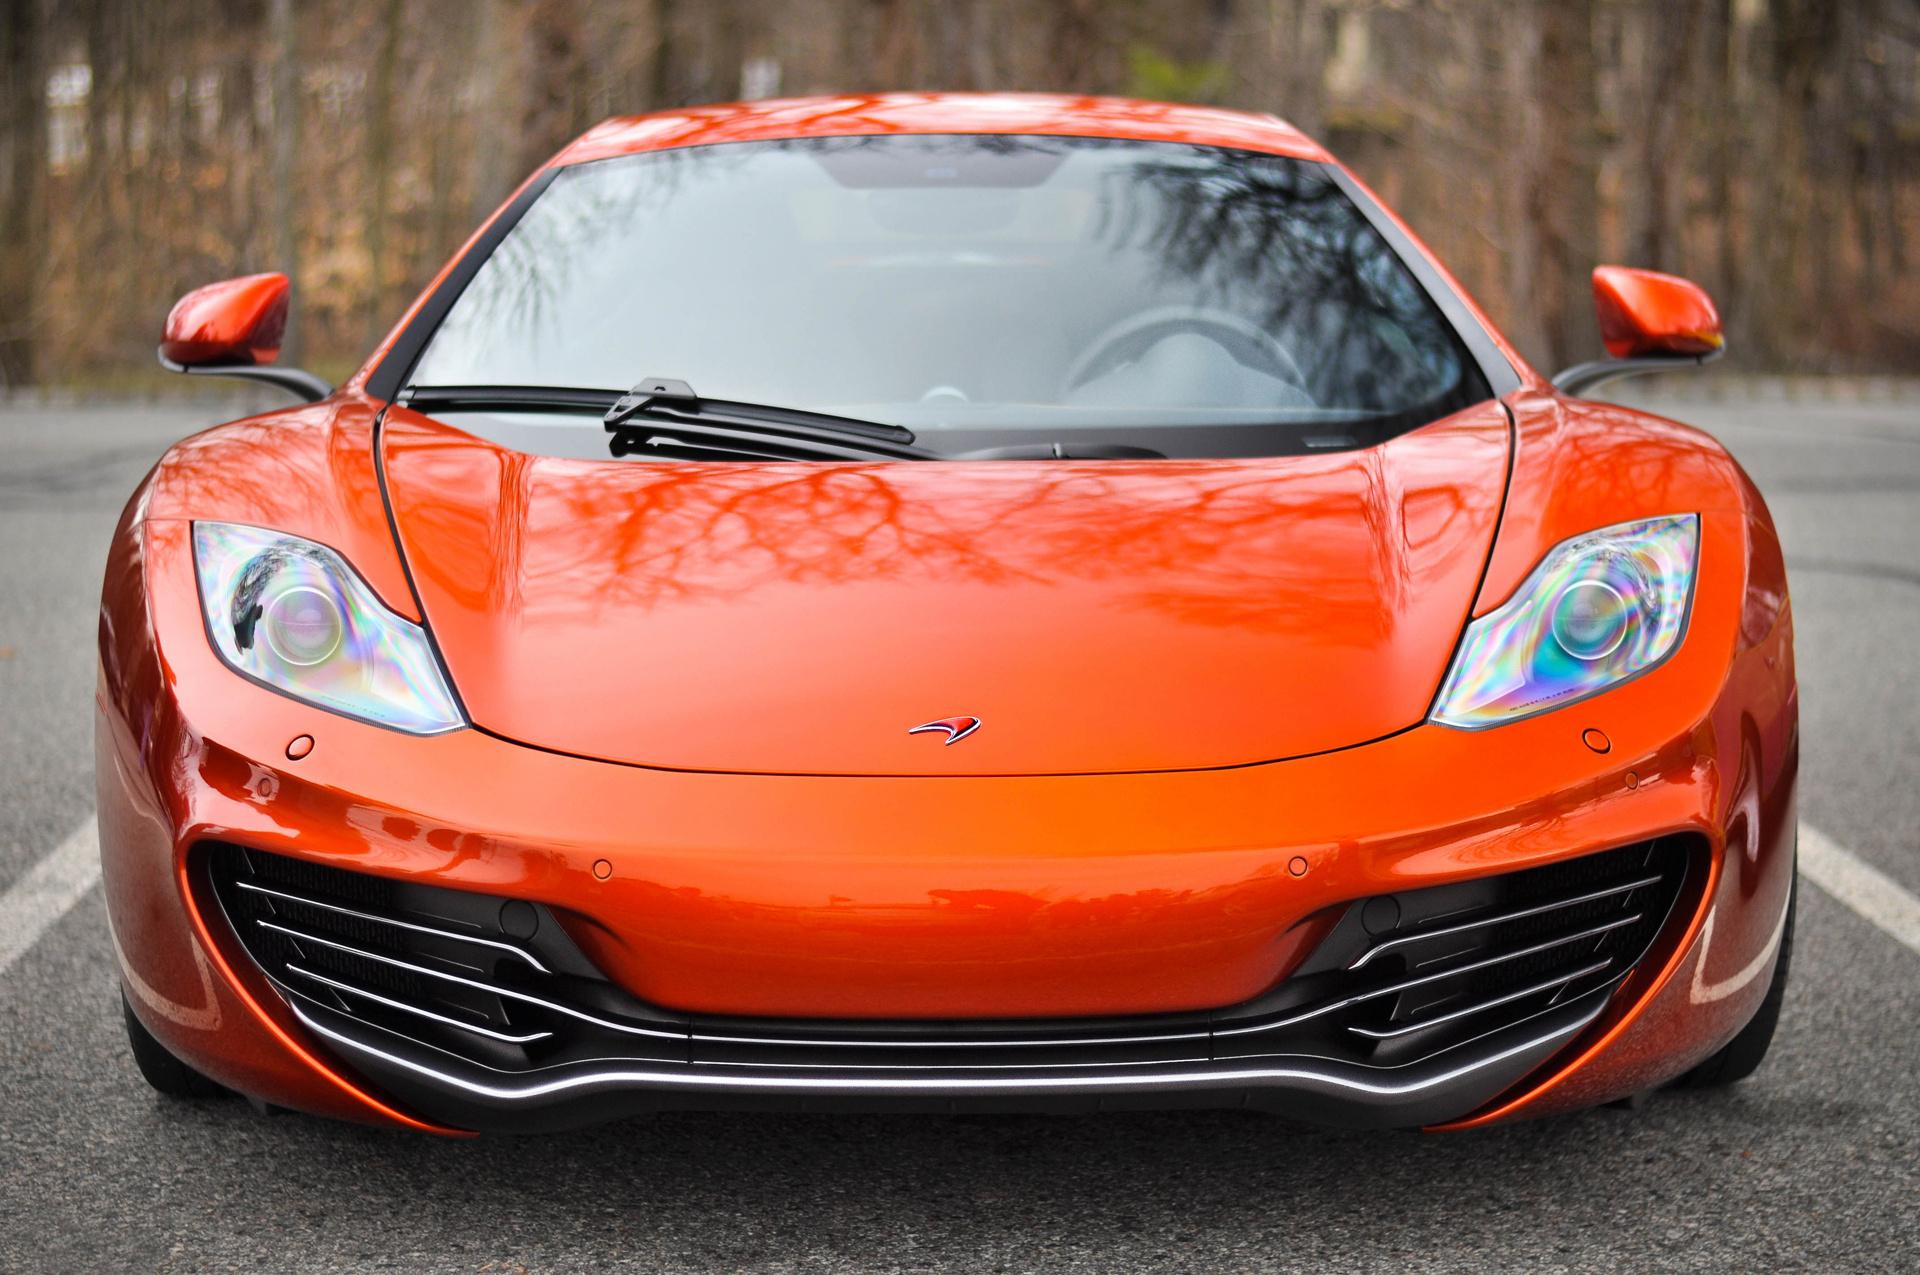 автомобиль оранжевый без смс